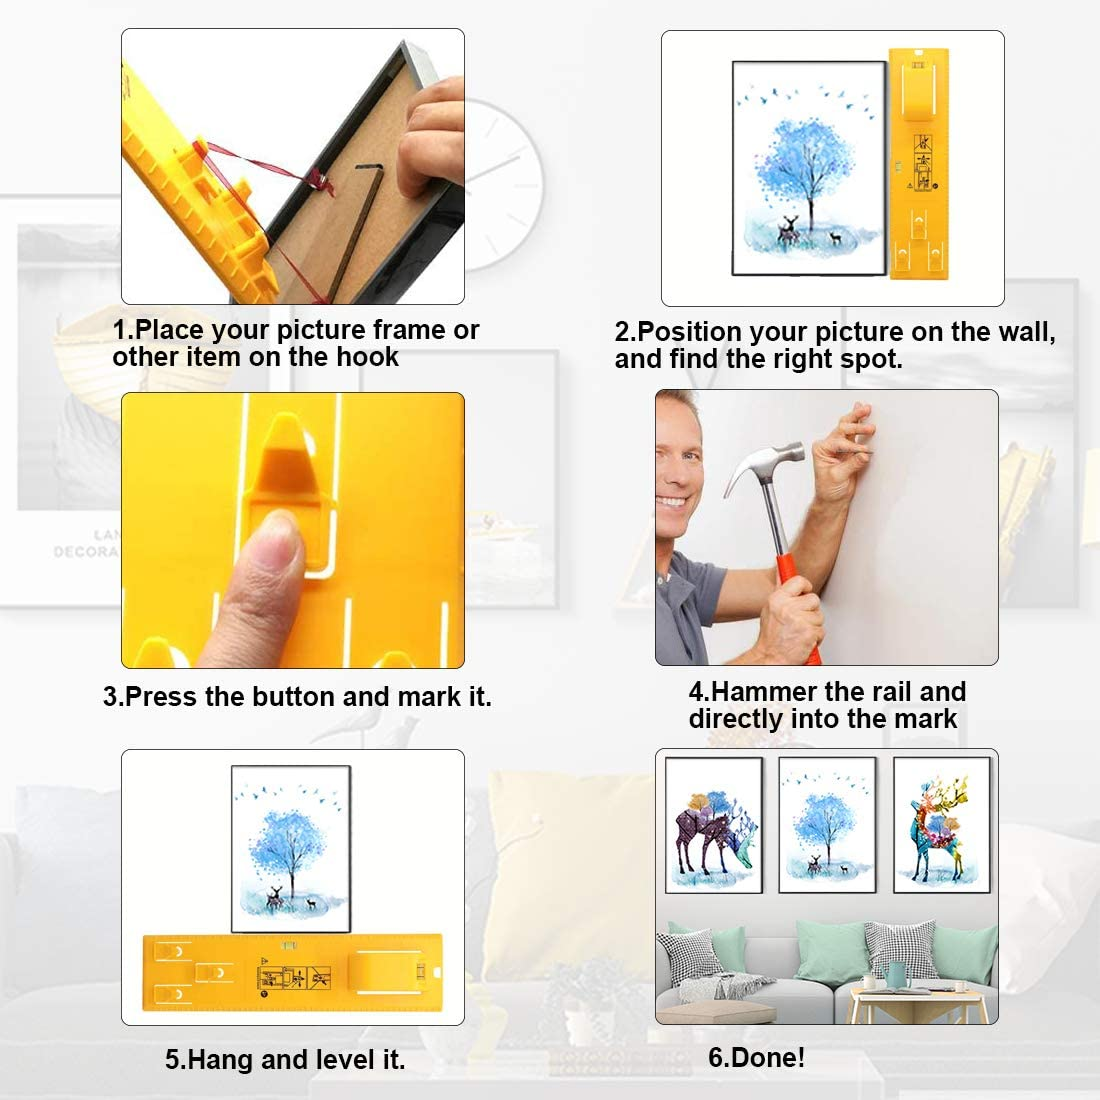 Bilder Aufhängewerkzeug Bilderrahmen Aufhänger Lineal Markierungshilfe mit  Wasserwaage Picture Hanger Tools für Markierungsposition Messen Spiegeln  Uhren Fotos Leinwänden: Amazon.de: Baumarkt